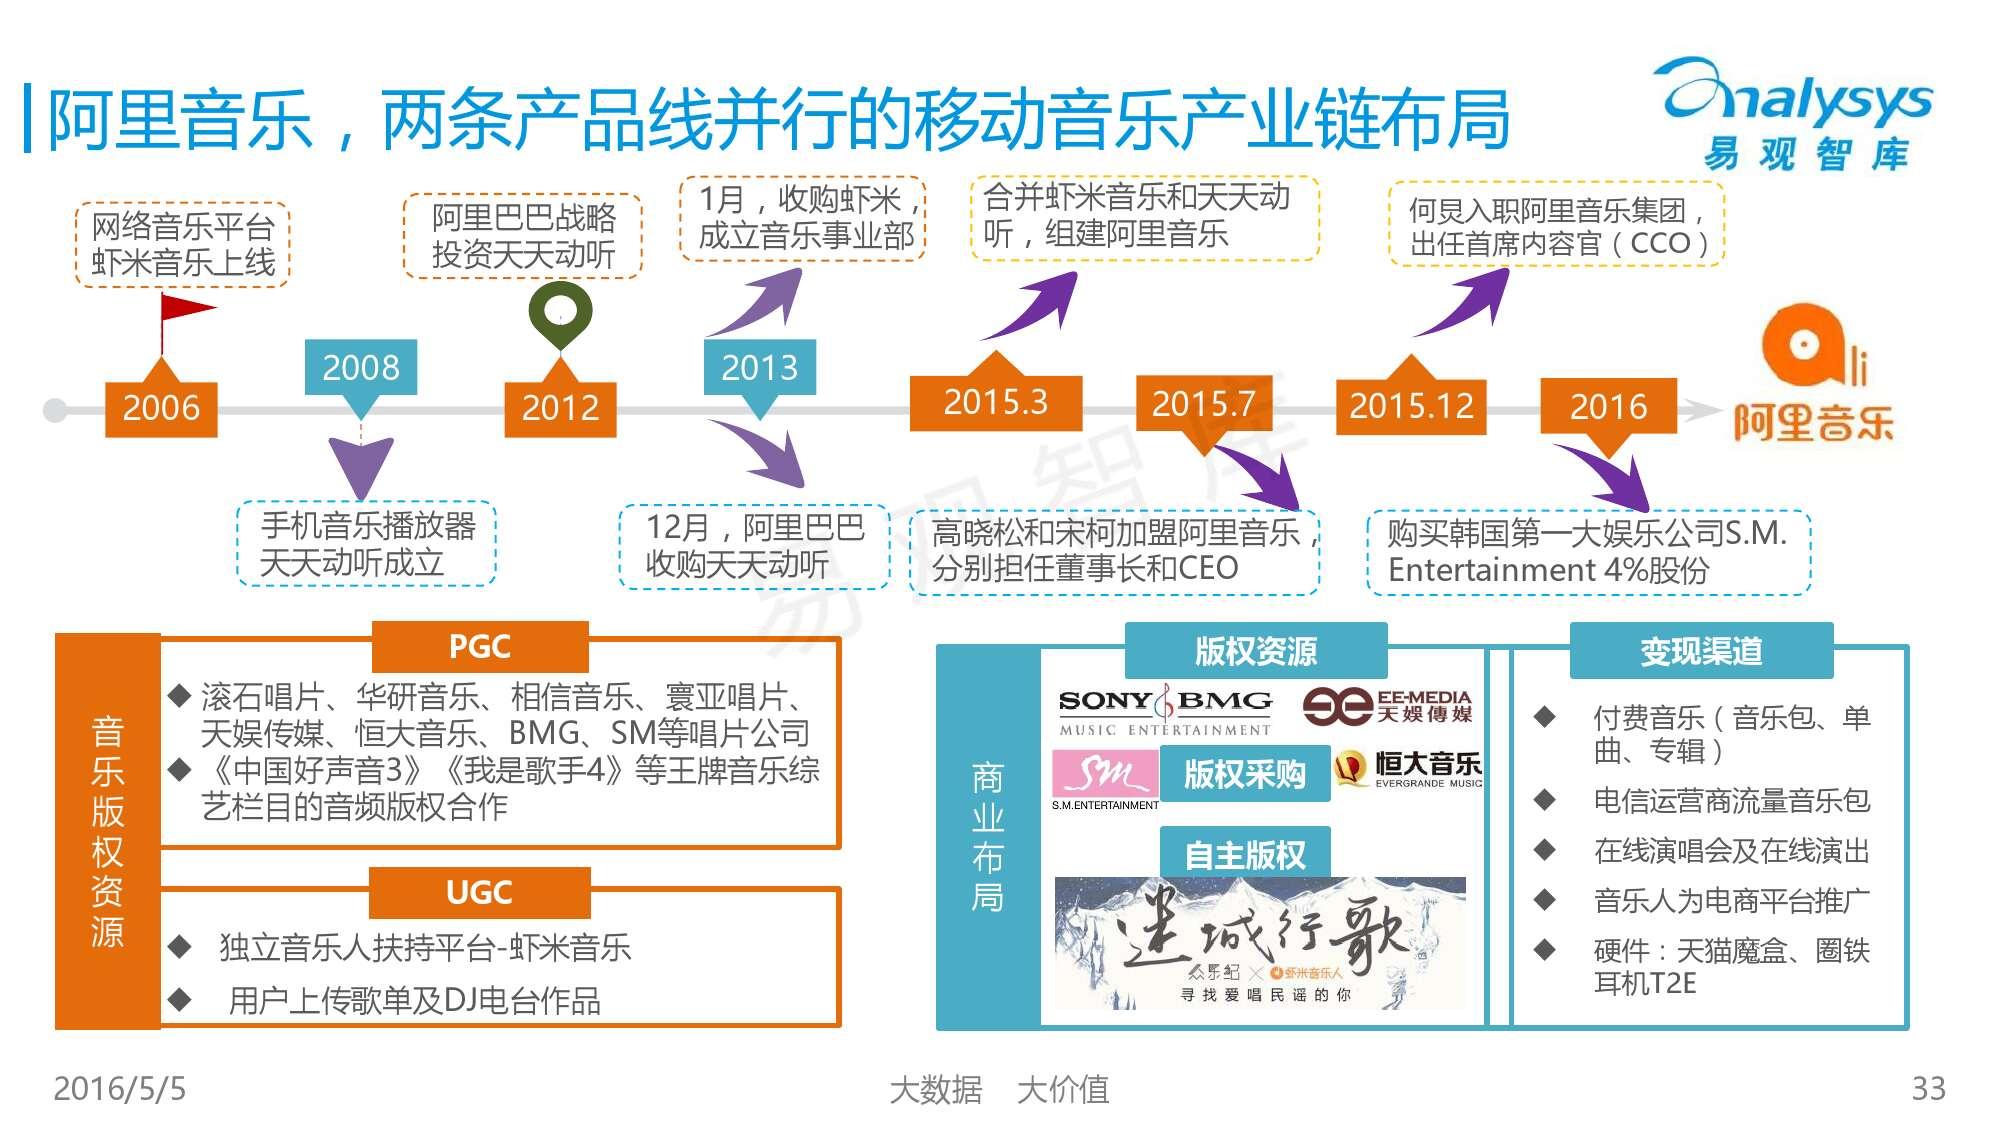 2016中国移动音乐市场年度综合报告_000033